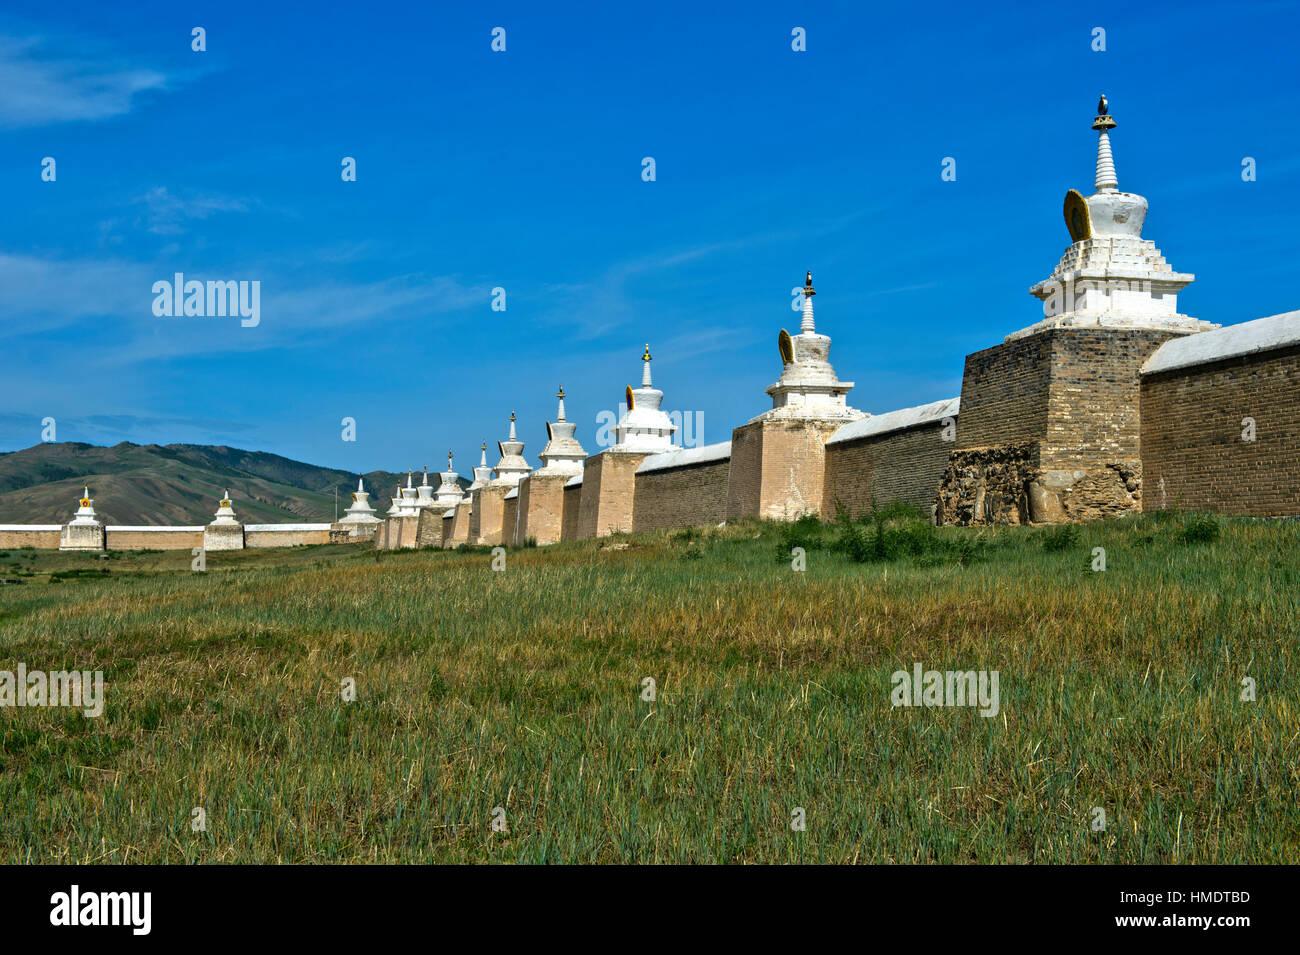 Wall with Soyombo stupas, Erdene Zuu Khiid monastery, Karakorum Kharkhorin, Övörkhangai Aimak, Mongolia - Stock Image